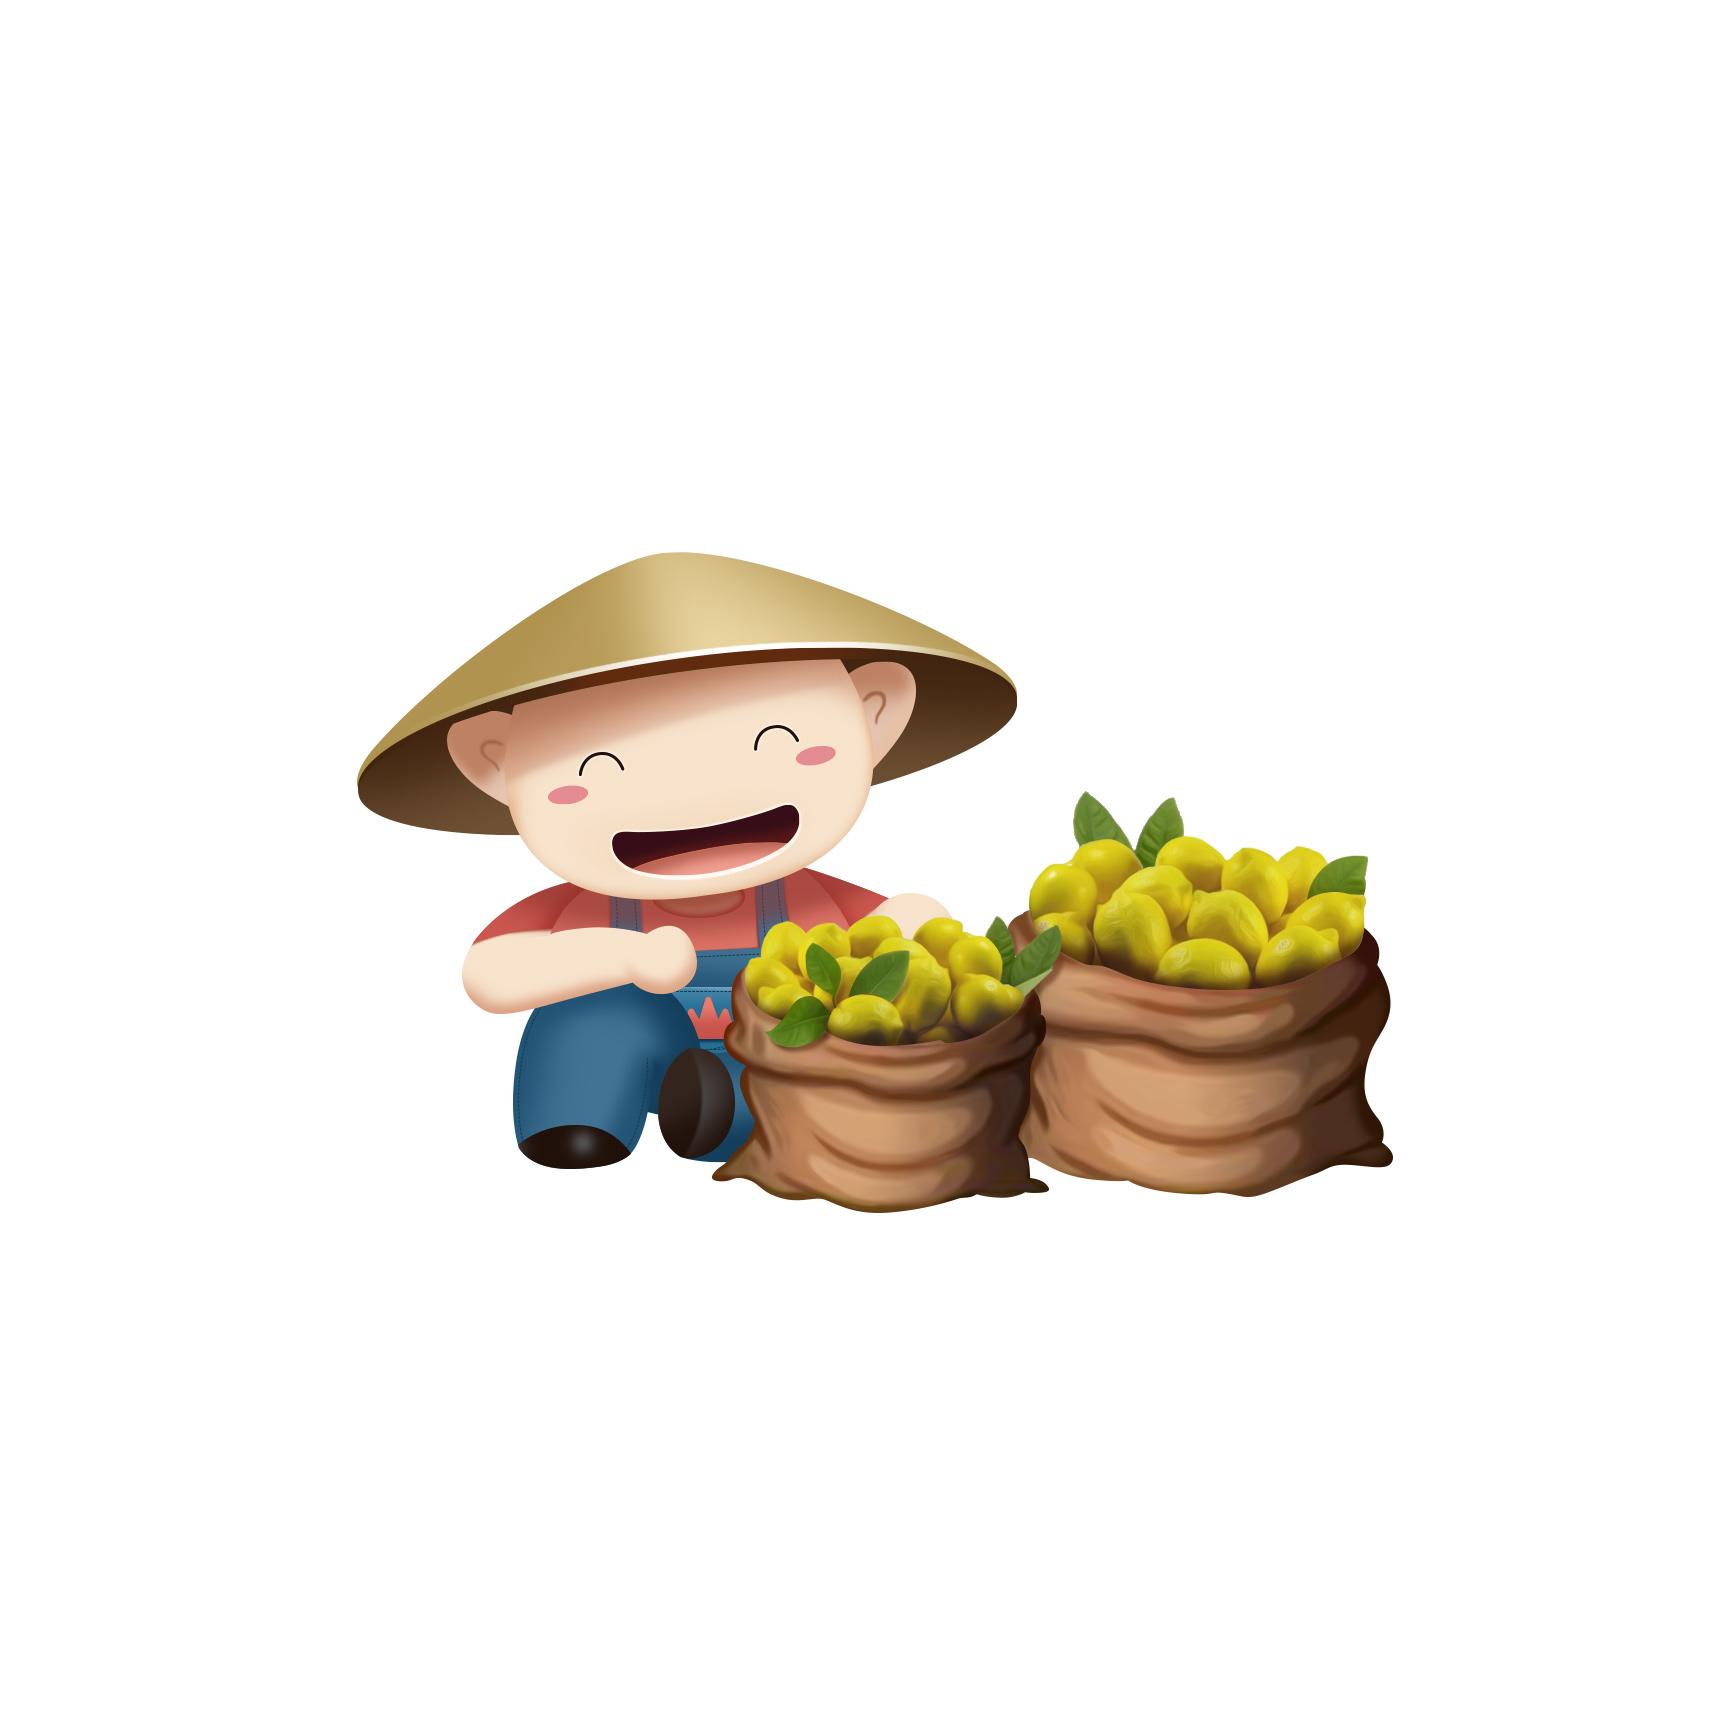 农夫形象_为山野农夫天猫旗舰店设计的卡通形象,农夫侠,呆檬妹